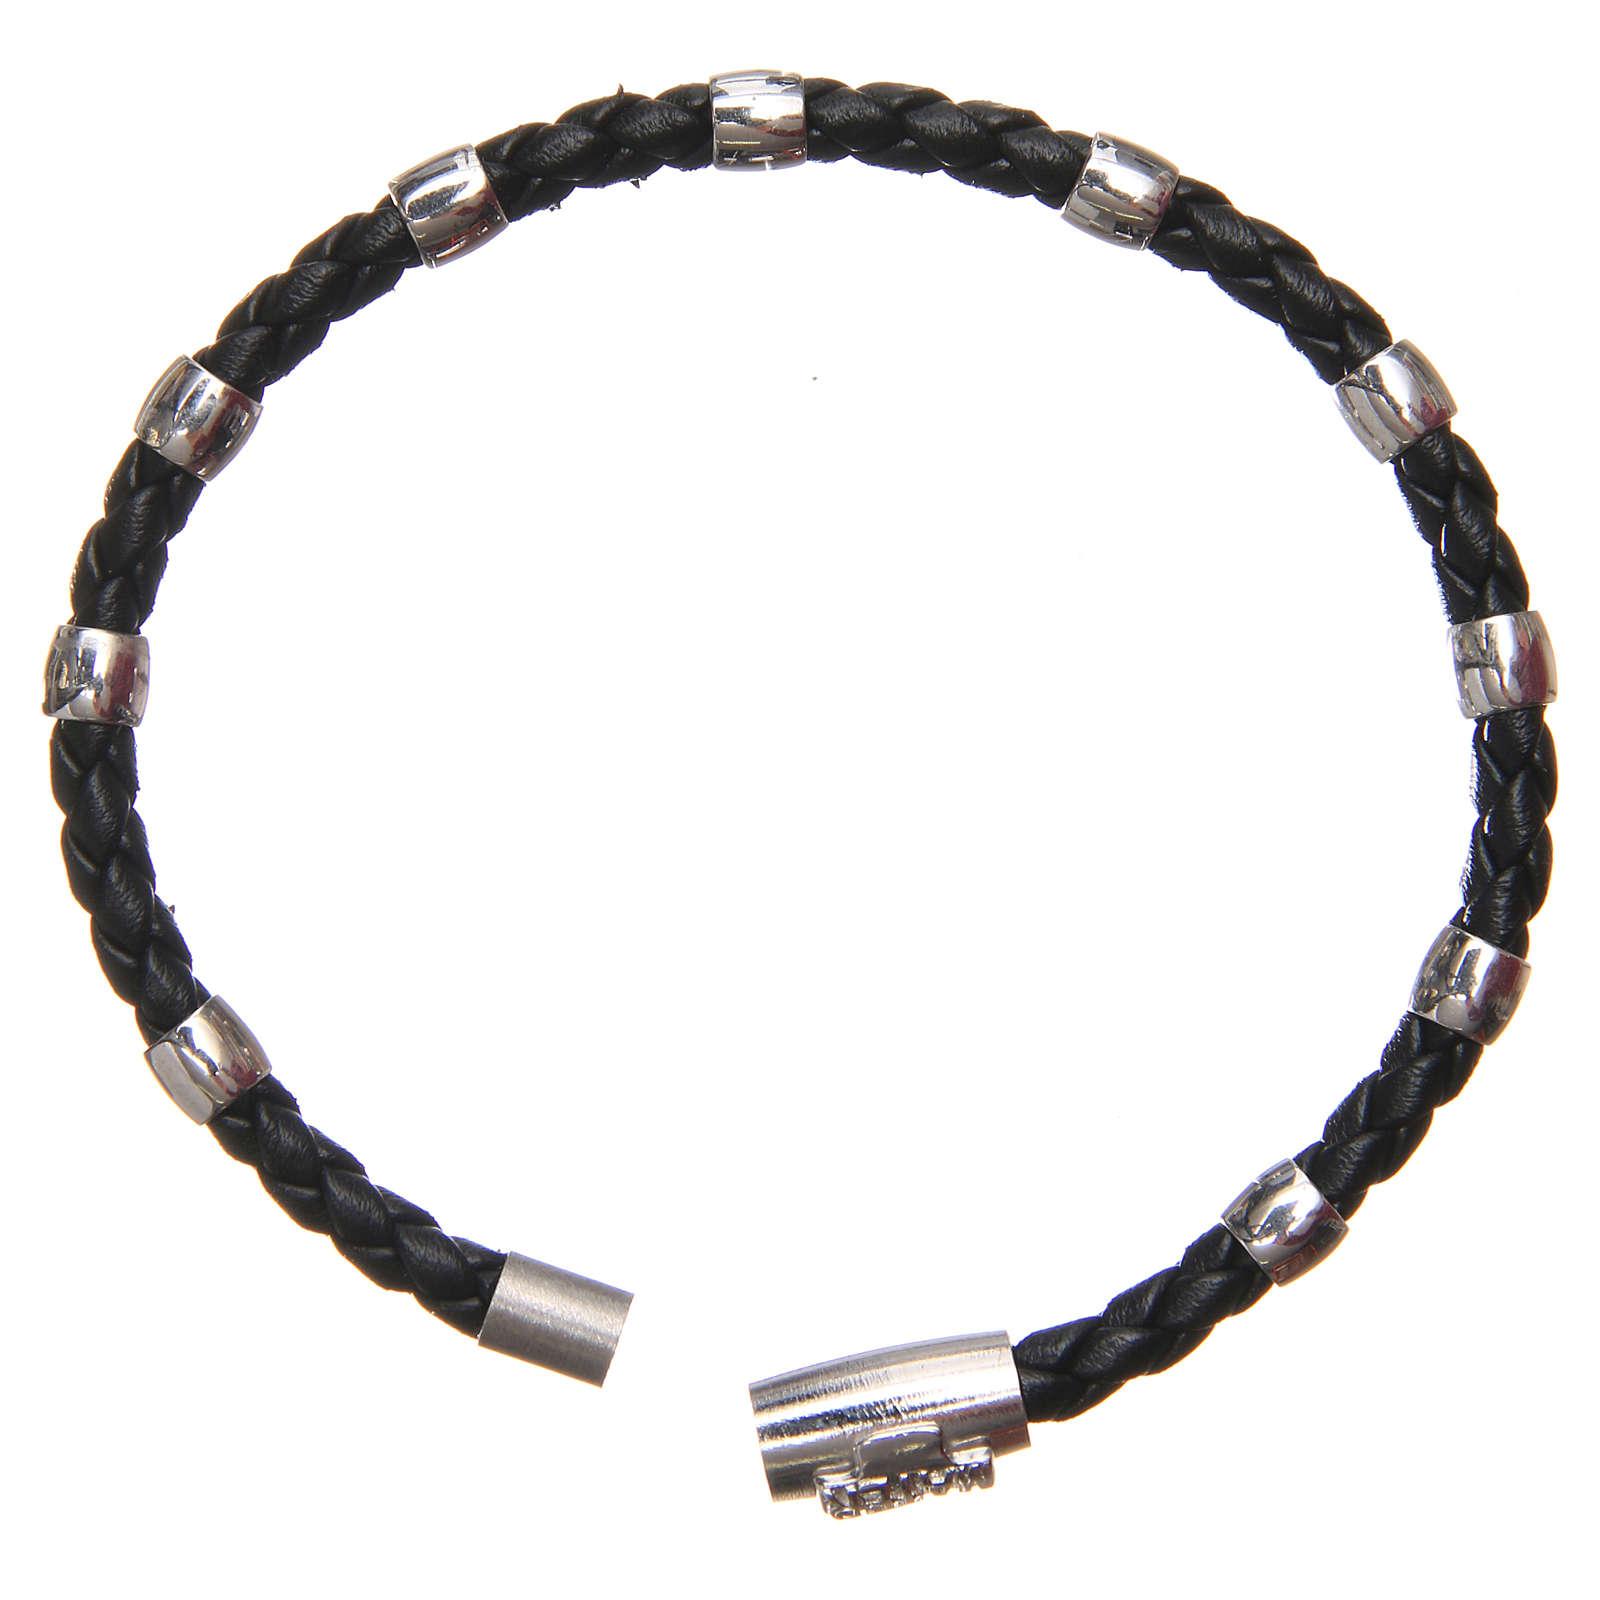 Bracciale MATER nero croce e decina argento 925 4